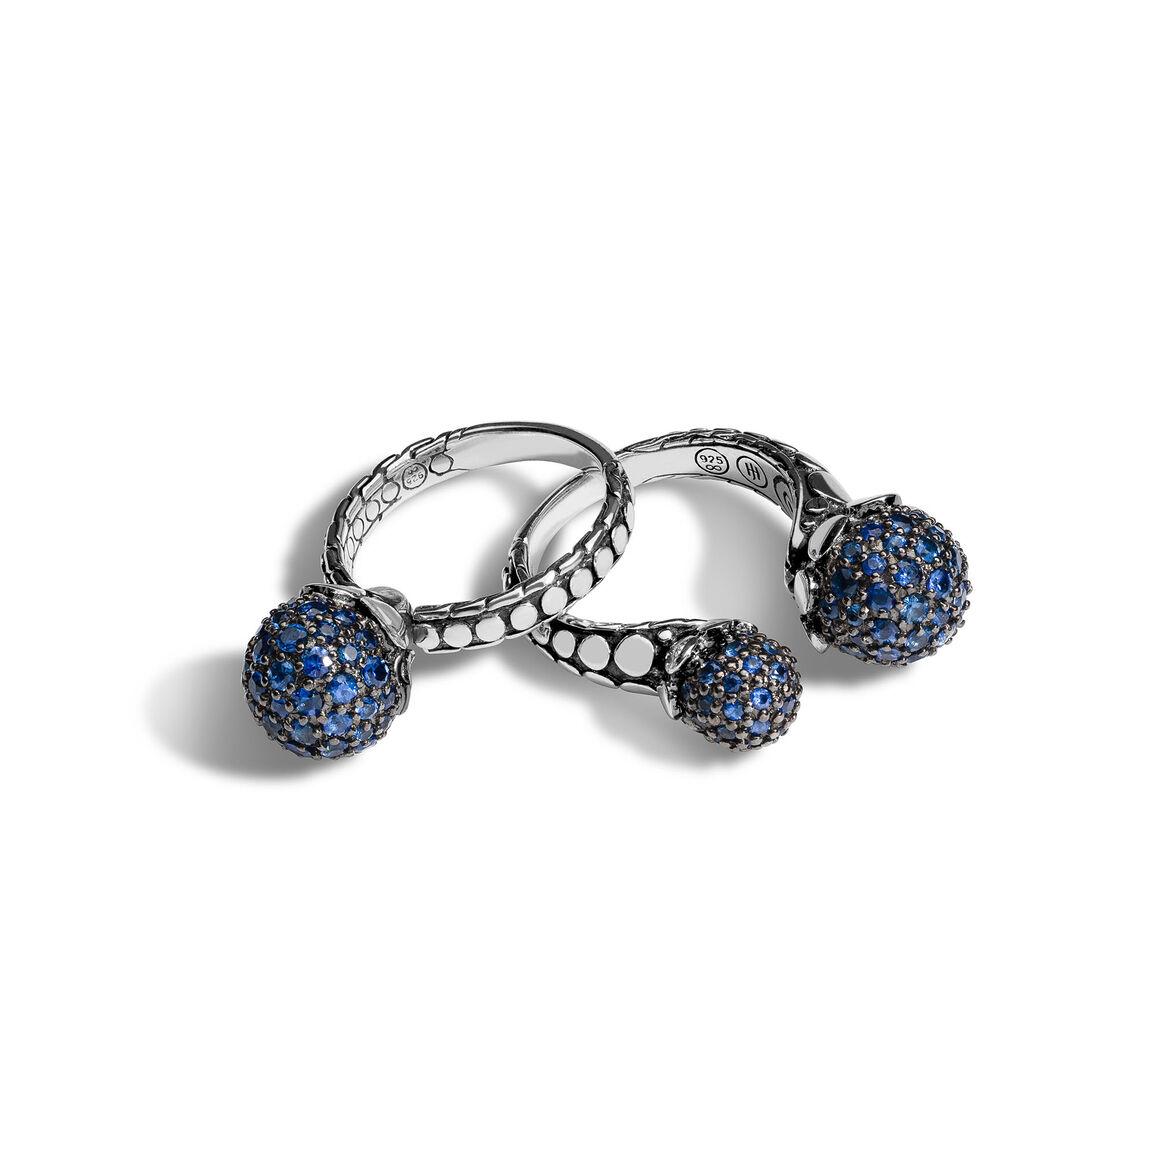 Dot Blue Sapphire Ring Gift Set